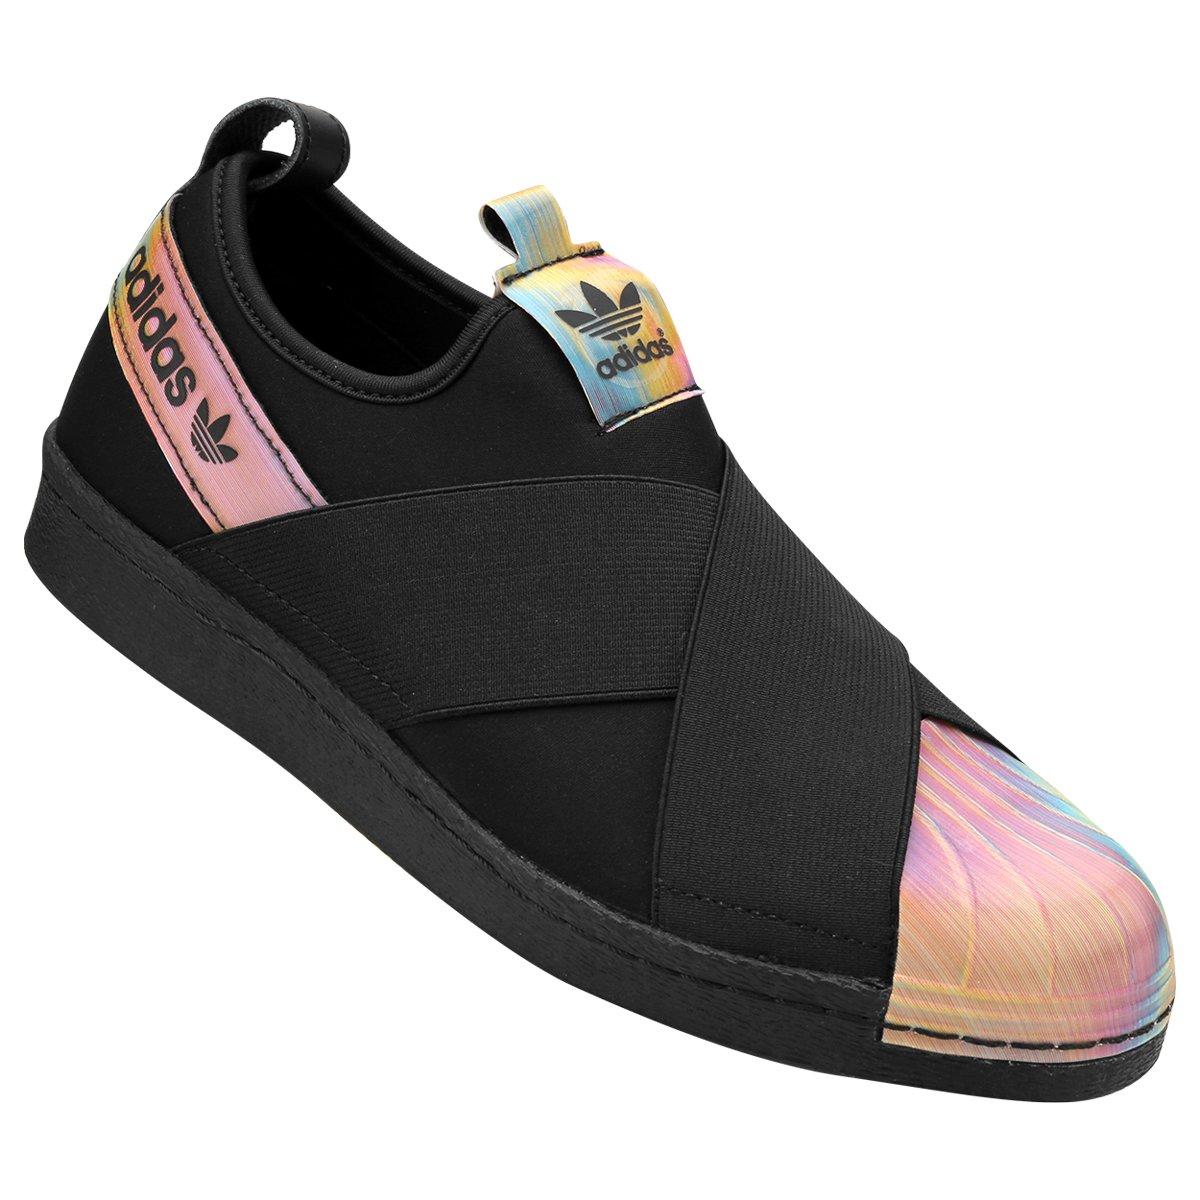 50e0afd9522 Tênis Adidas Superstar Slipon W - Compre Agora